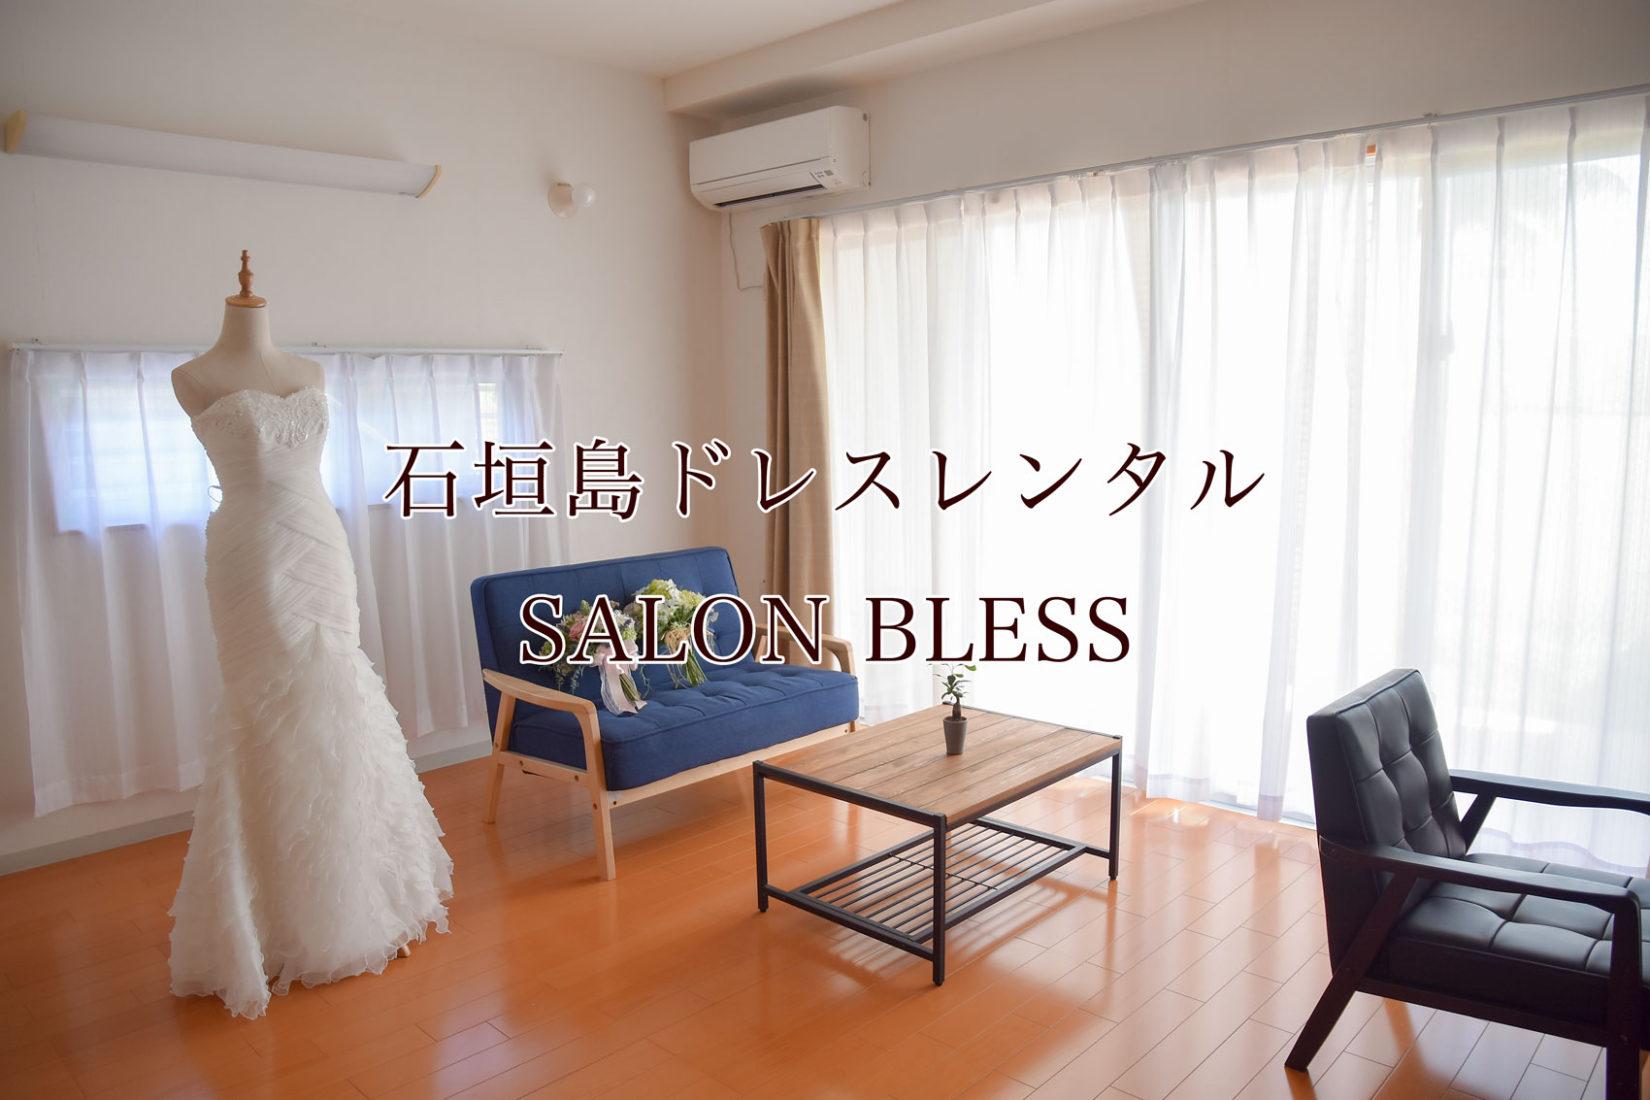 石垣島でドレスレンタル!SALON BLESSを紹介します